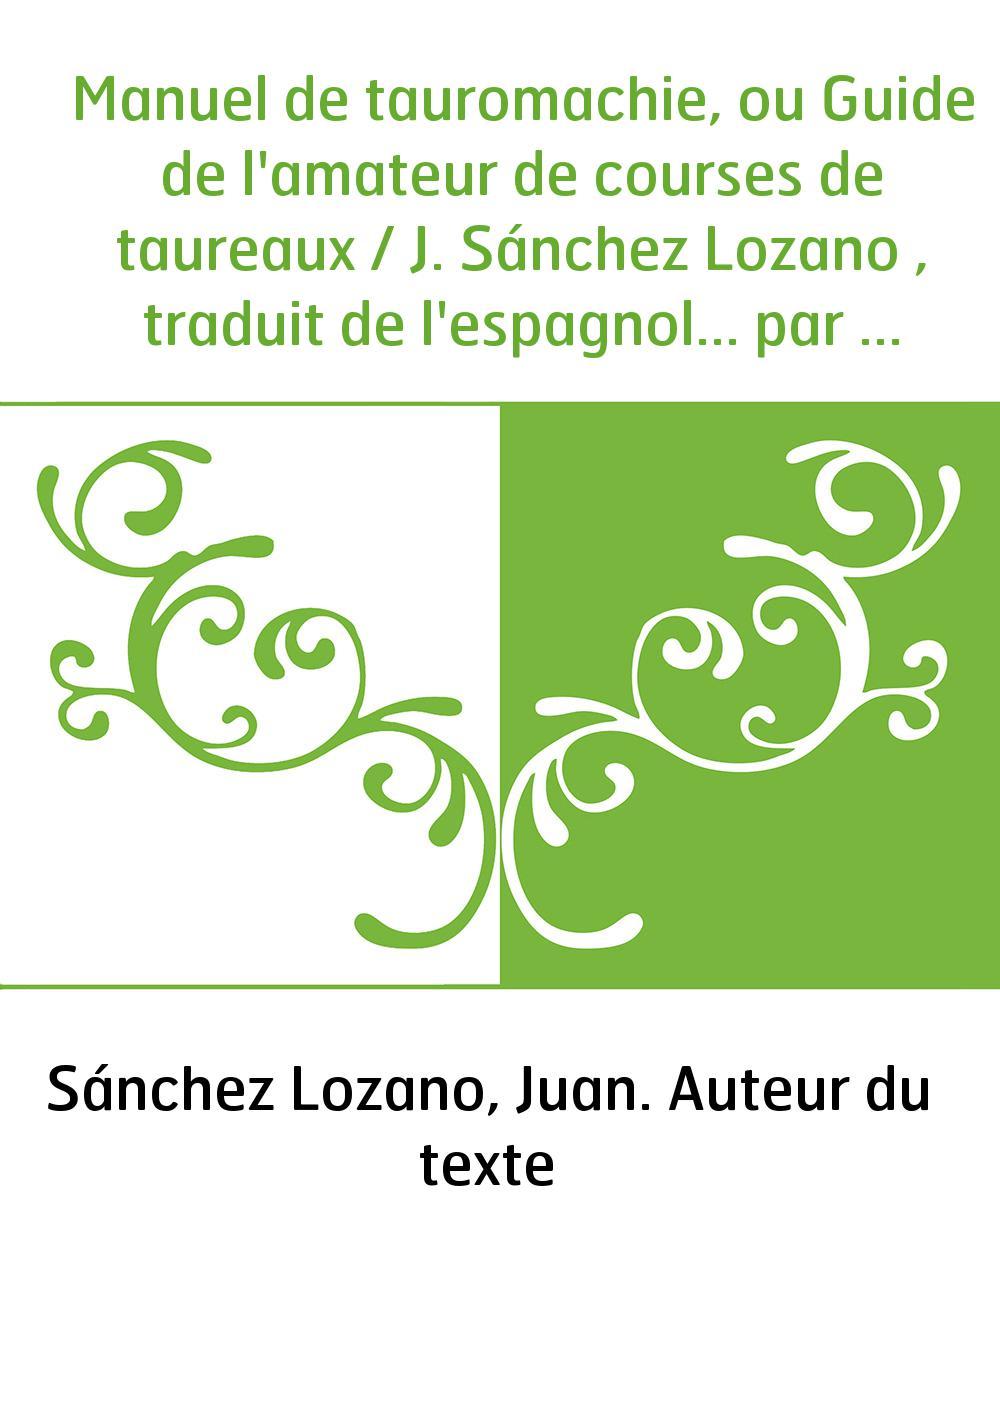 Manuel de tauromachie, ou Guide de l'amateur de courses de taureaux / J. Sánchez Lozano , traduit de l'espagnol... par Aurélien